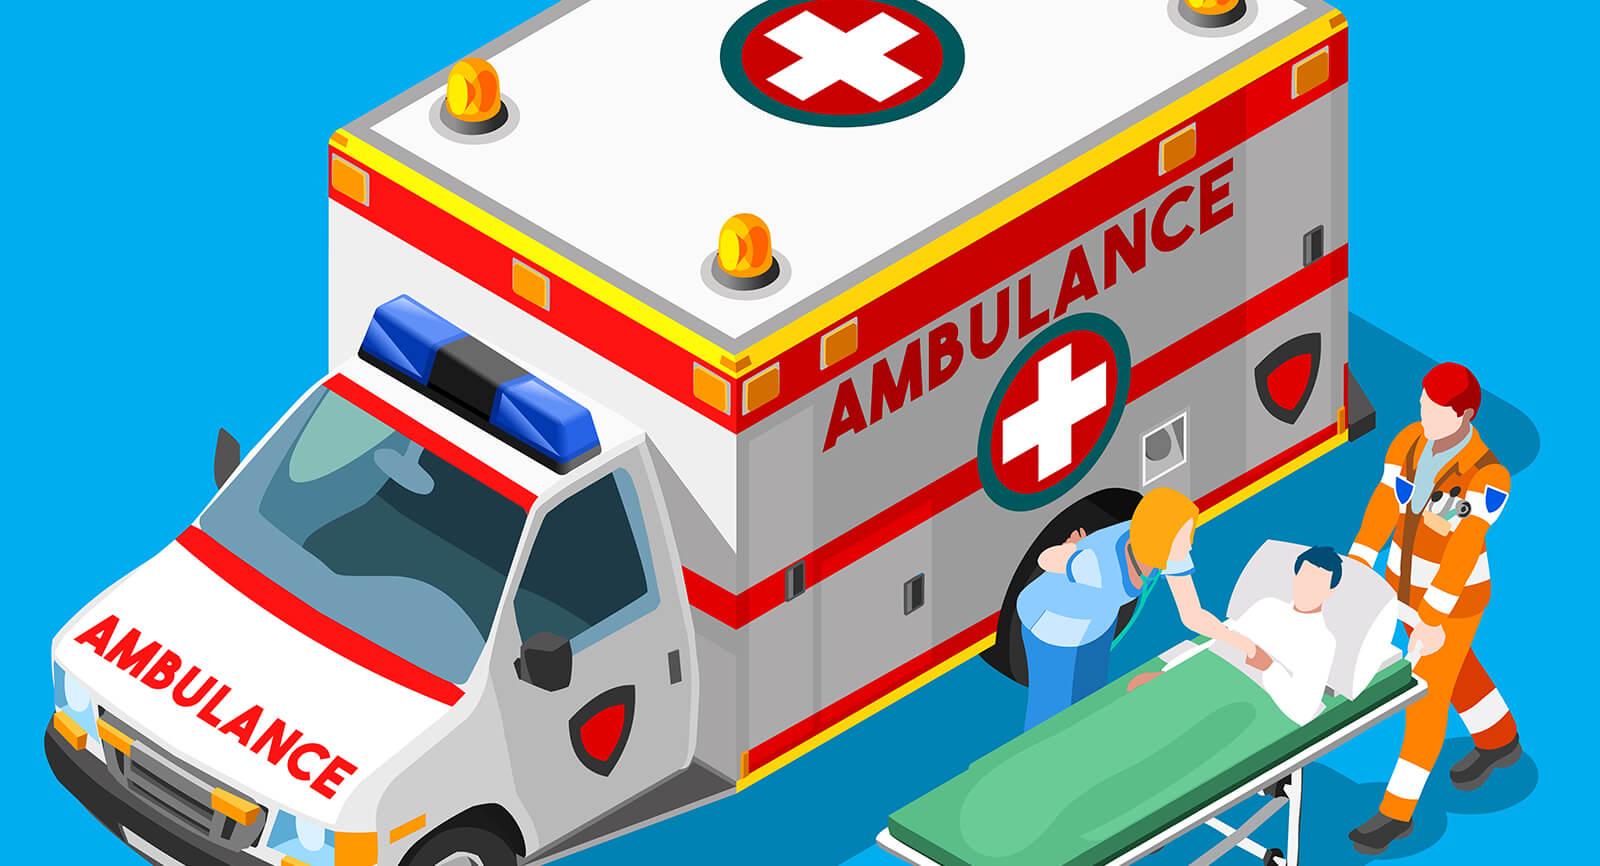 ambulance saving respiratory distress patient